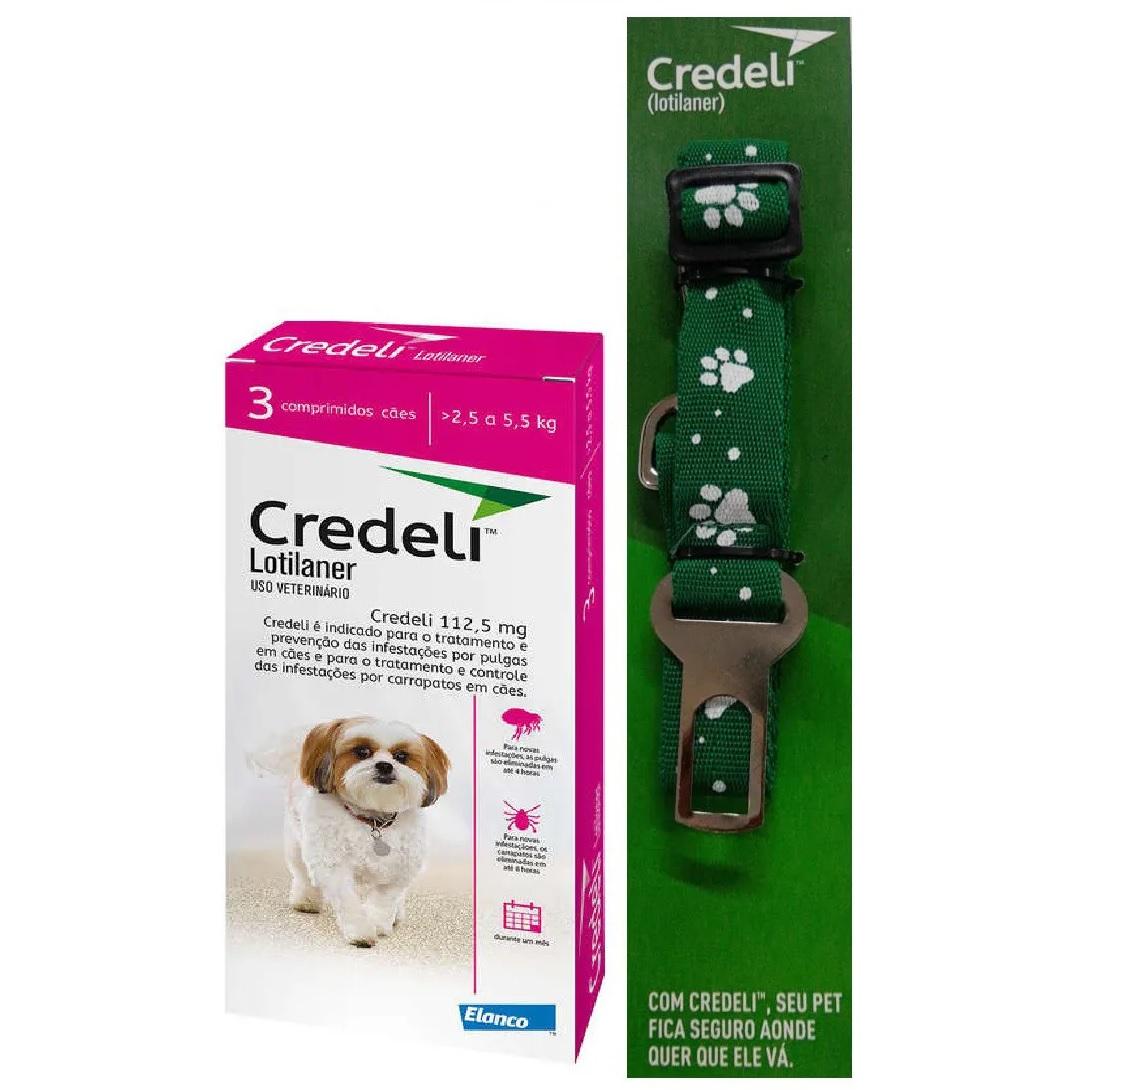 Compre um Antipulgas e Carrapatos Credeli 112,5mg para Cães entre 2,5 e 5,5kg (3 comprimidos) e Ganhe um Cinto de Segurança - Elanco (Validade Maio/2021)